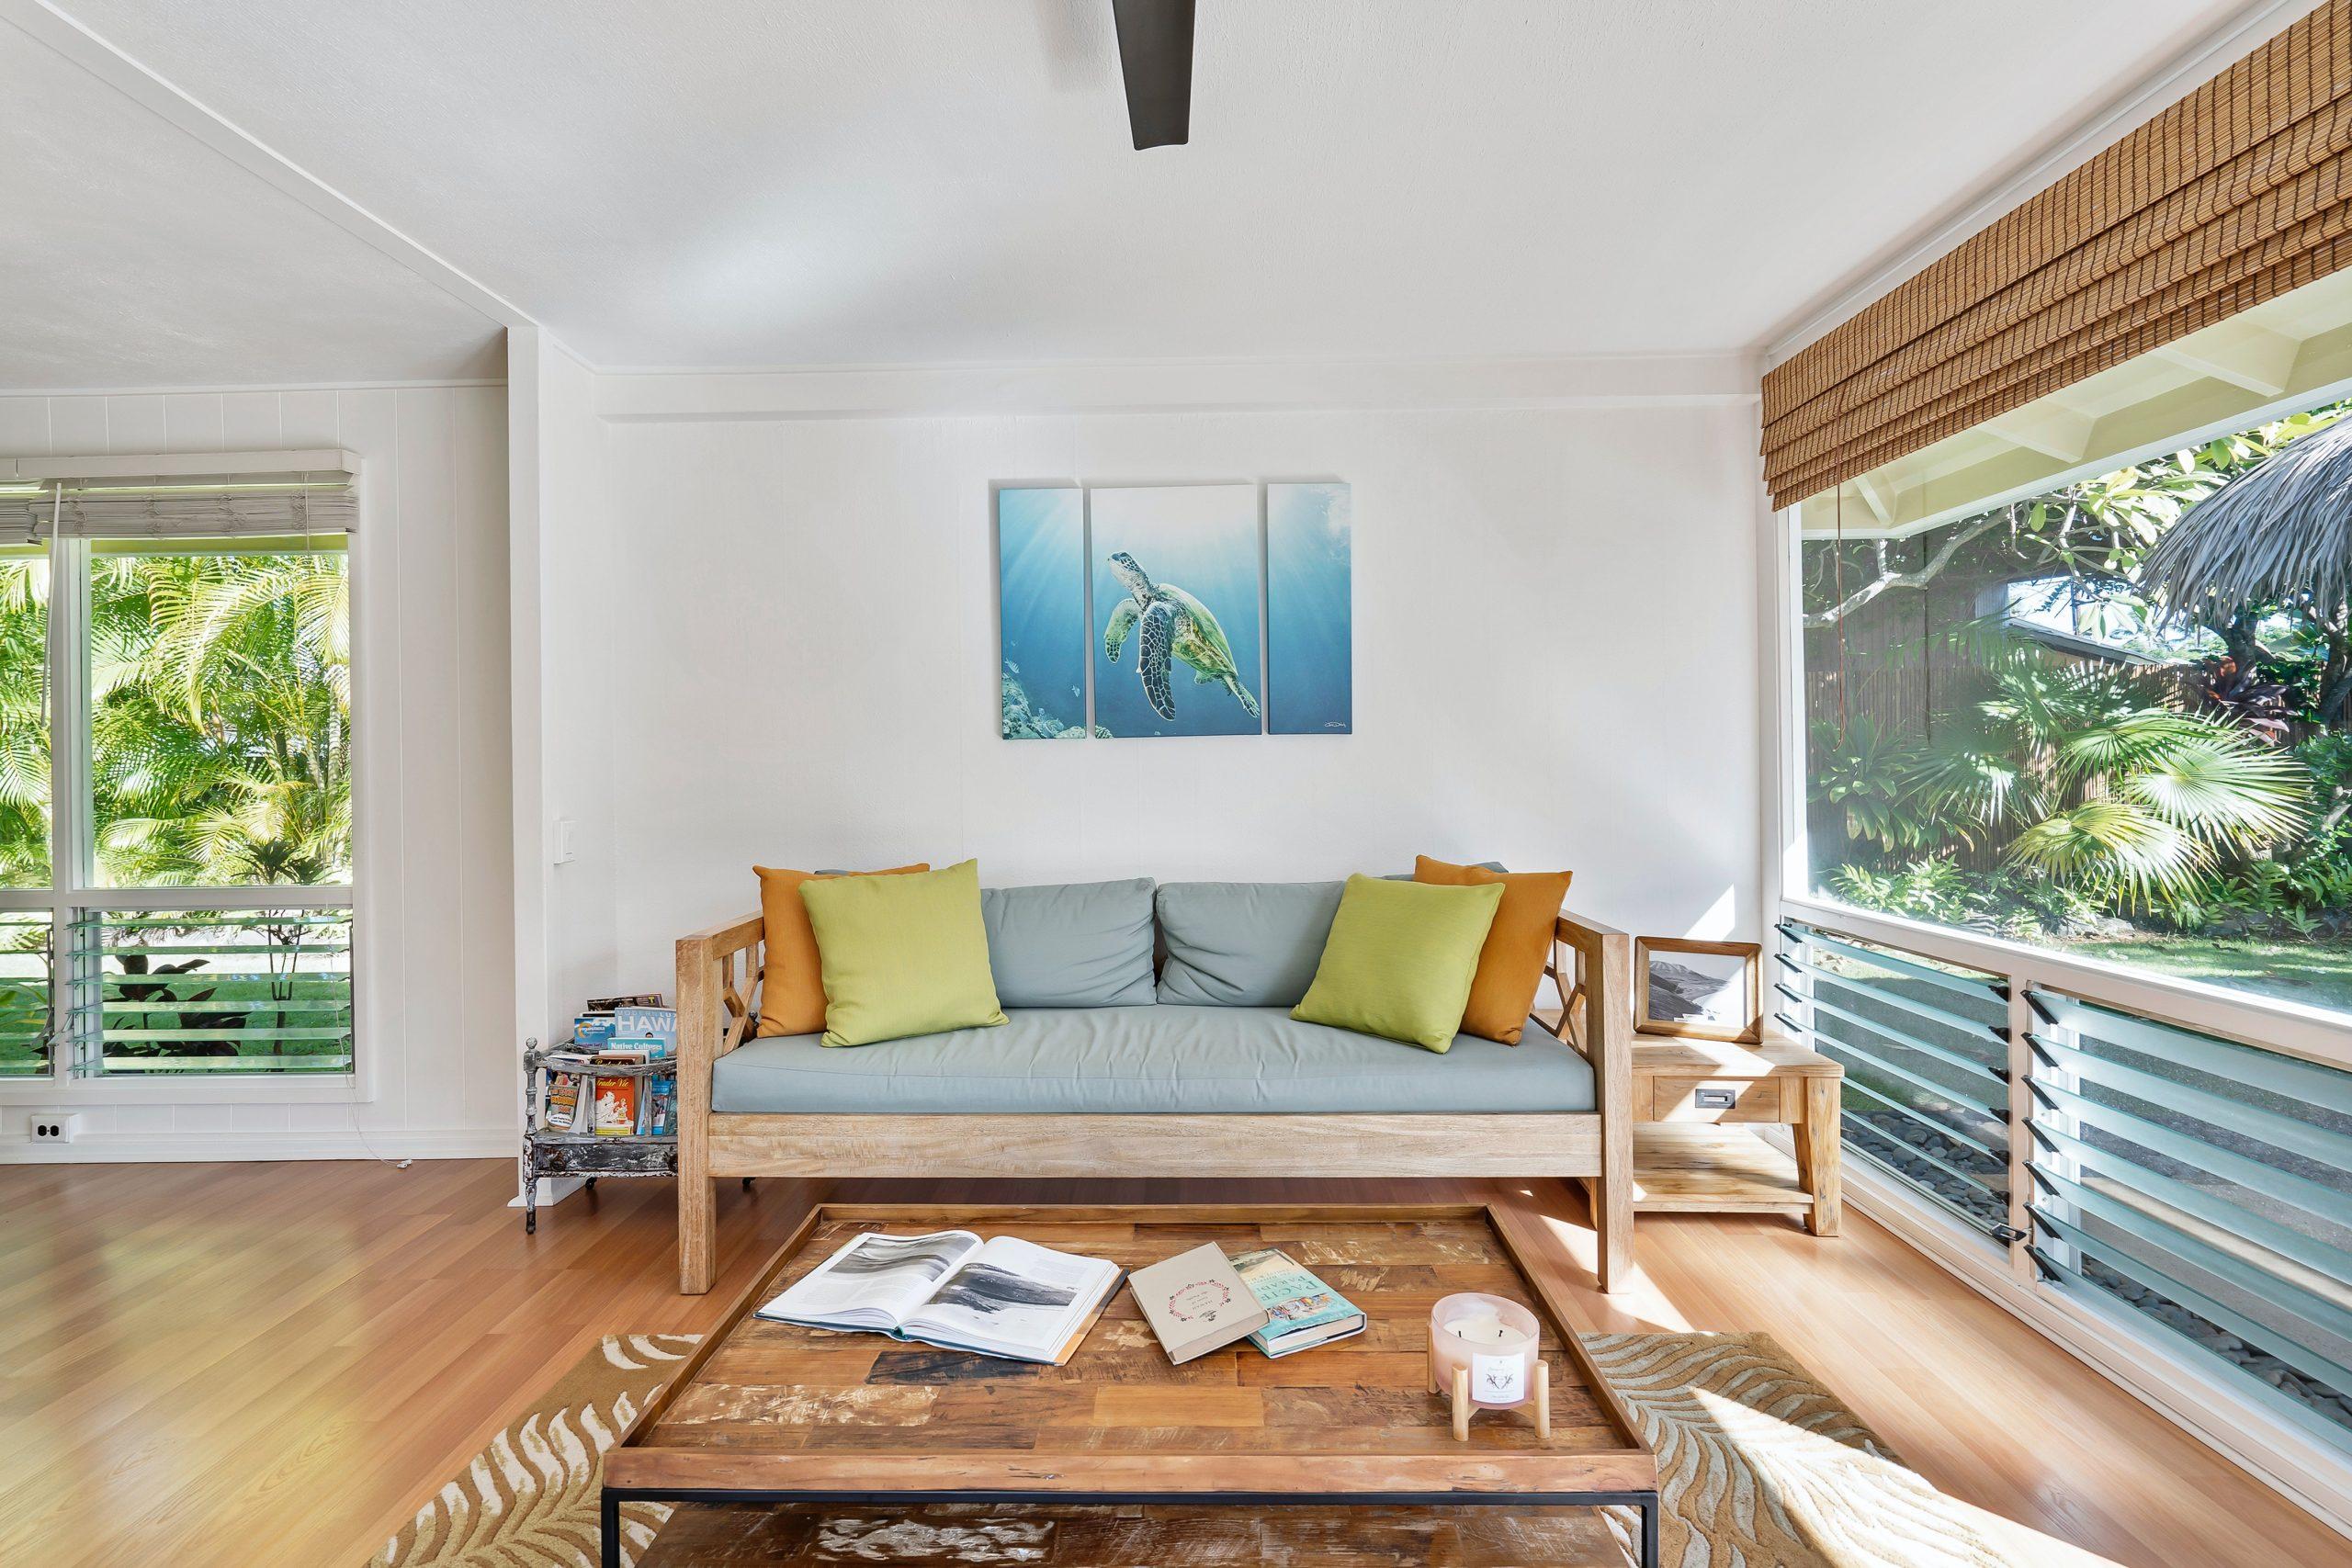 Tips sencillos para decorar y personalizar  tu casa en poco tiempo